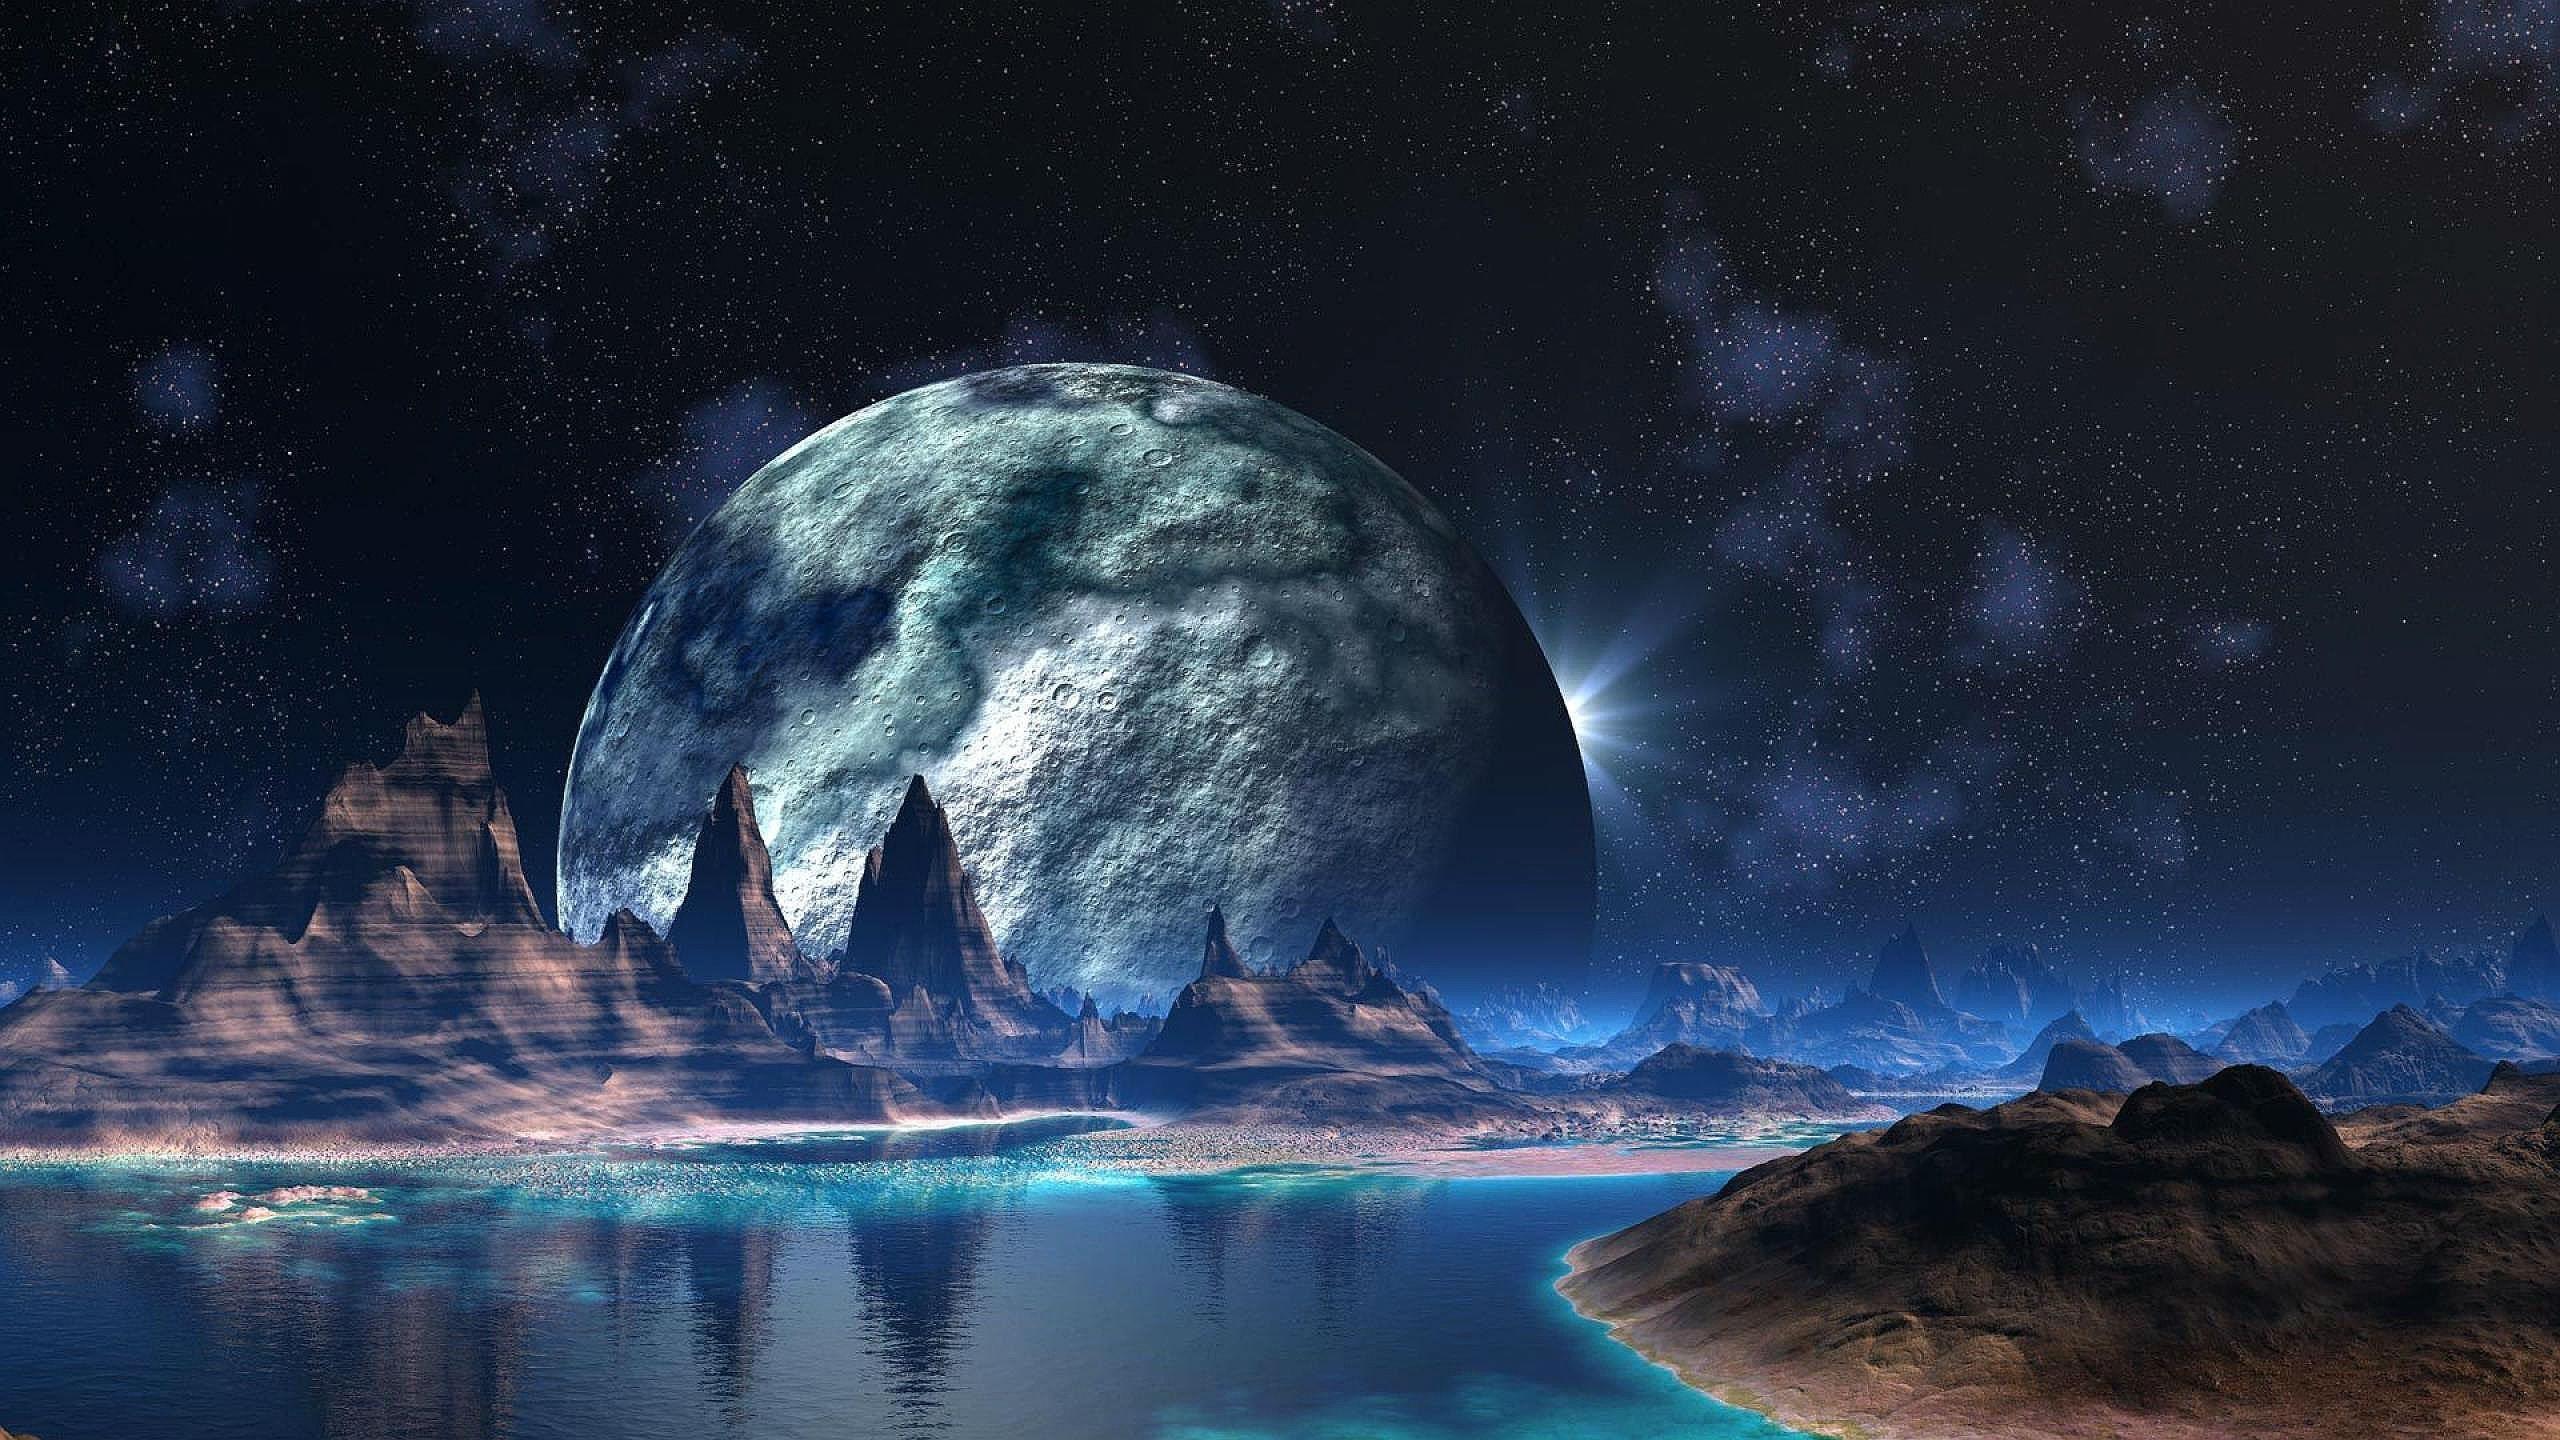 alien planet wallpaper 2560×1440